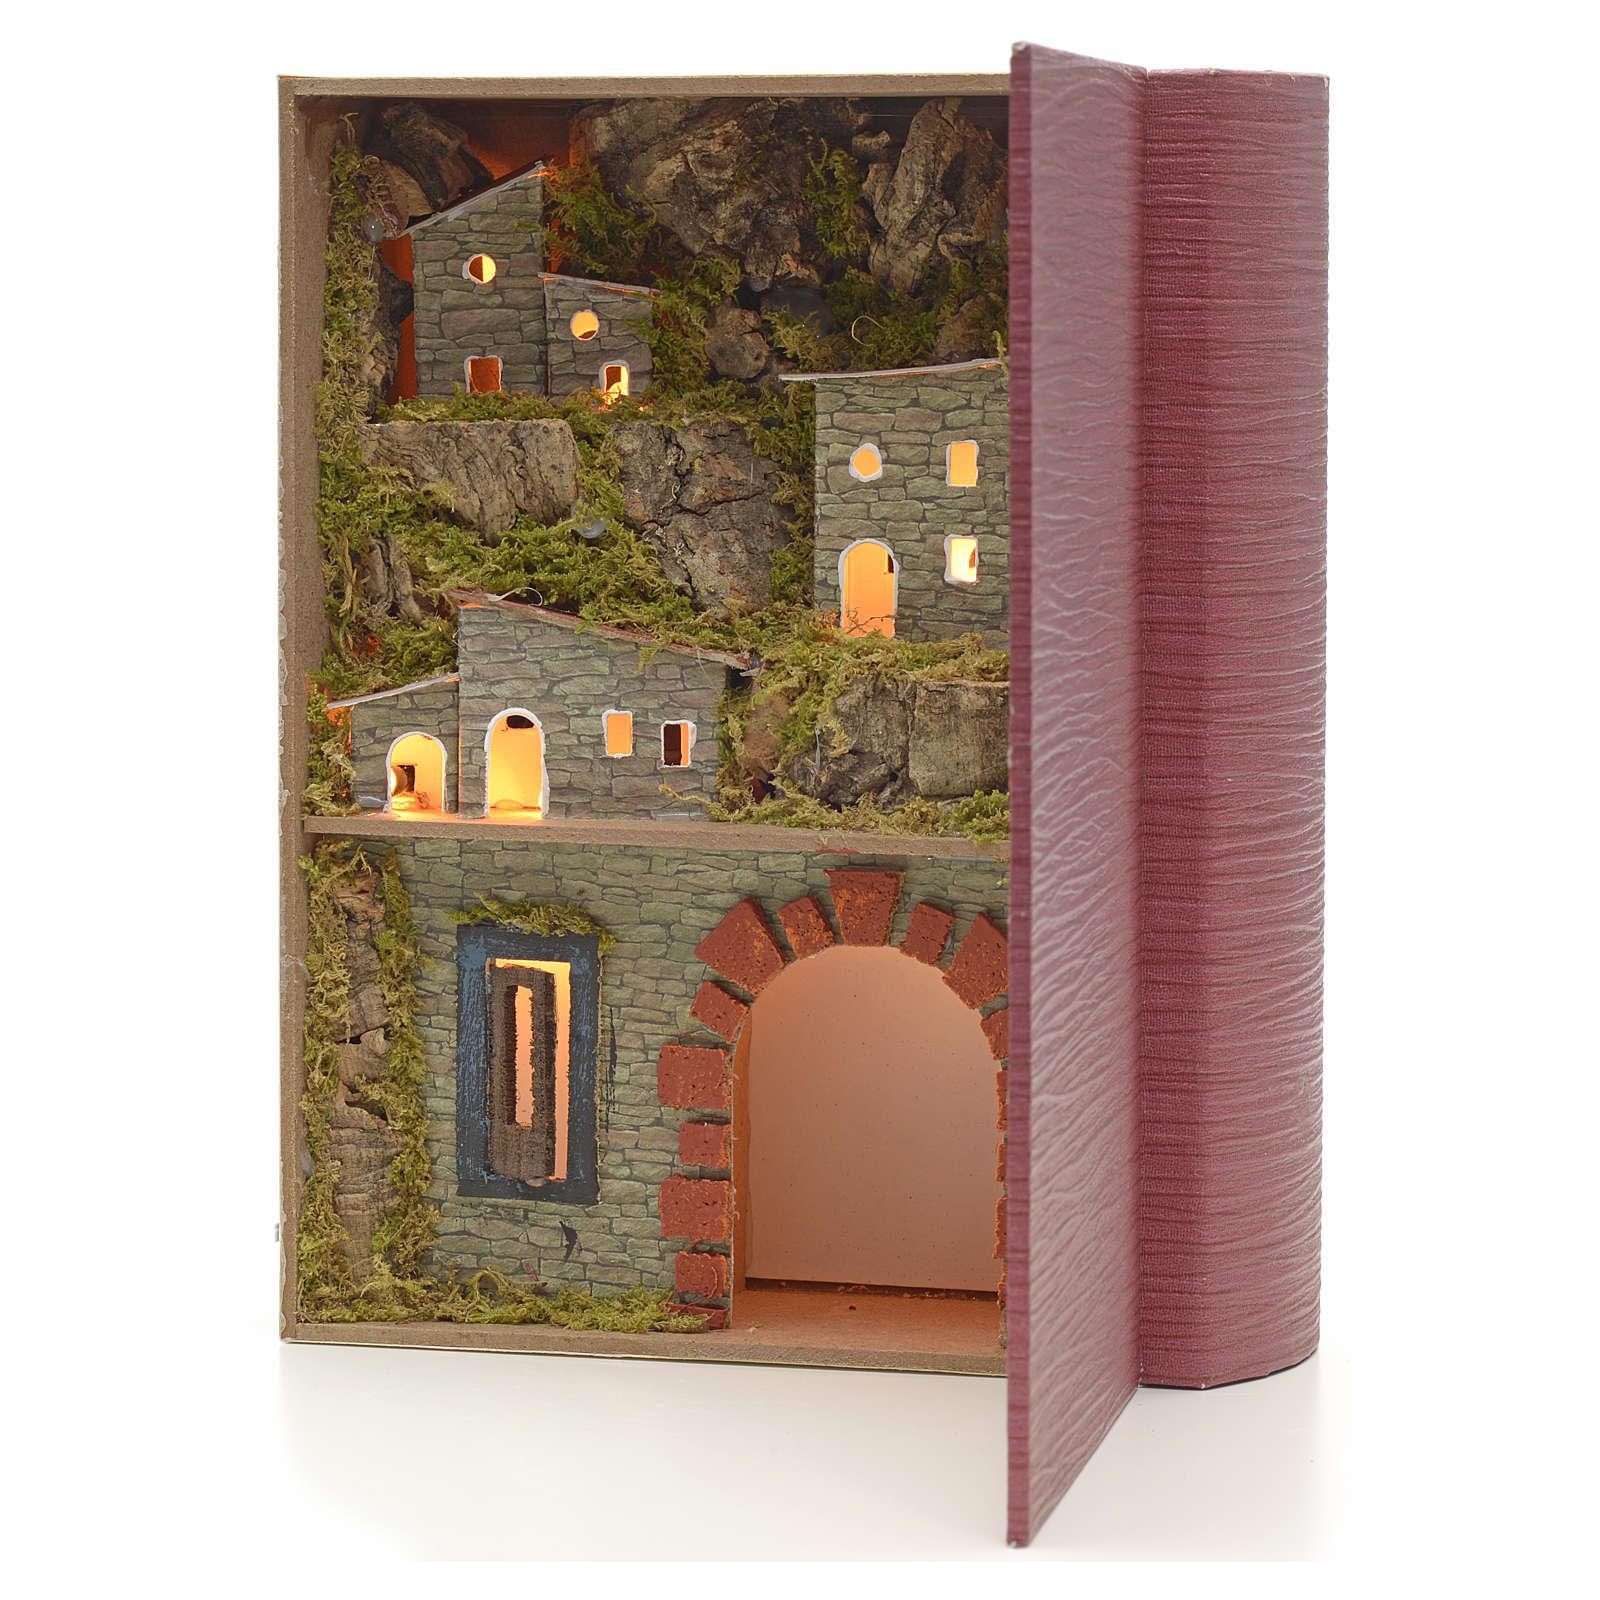 Décor crèche bourg et grotte éclairés en livre 19x24x8 4